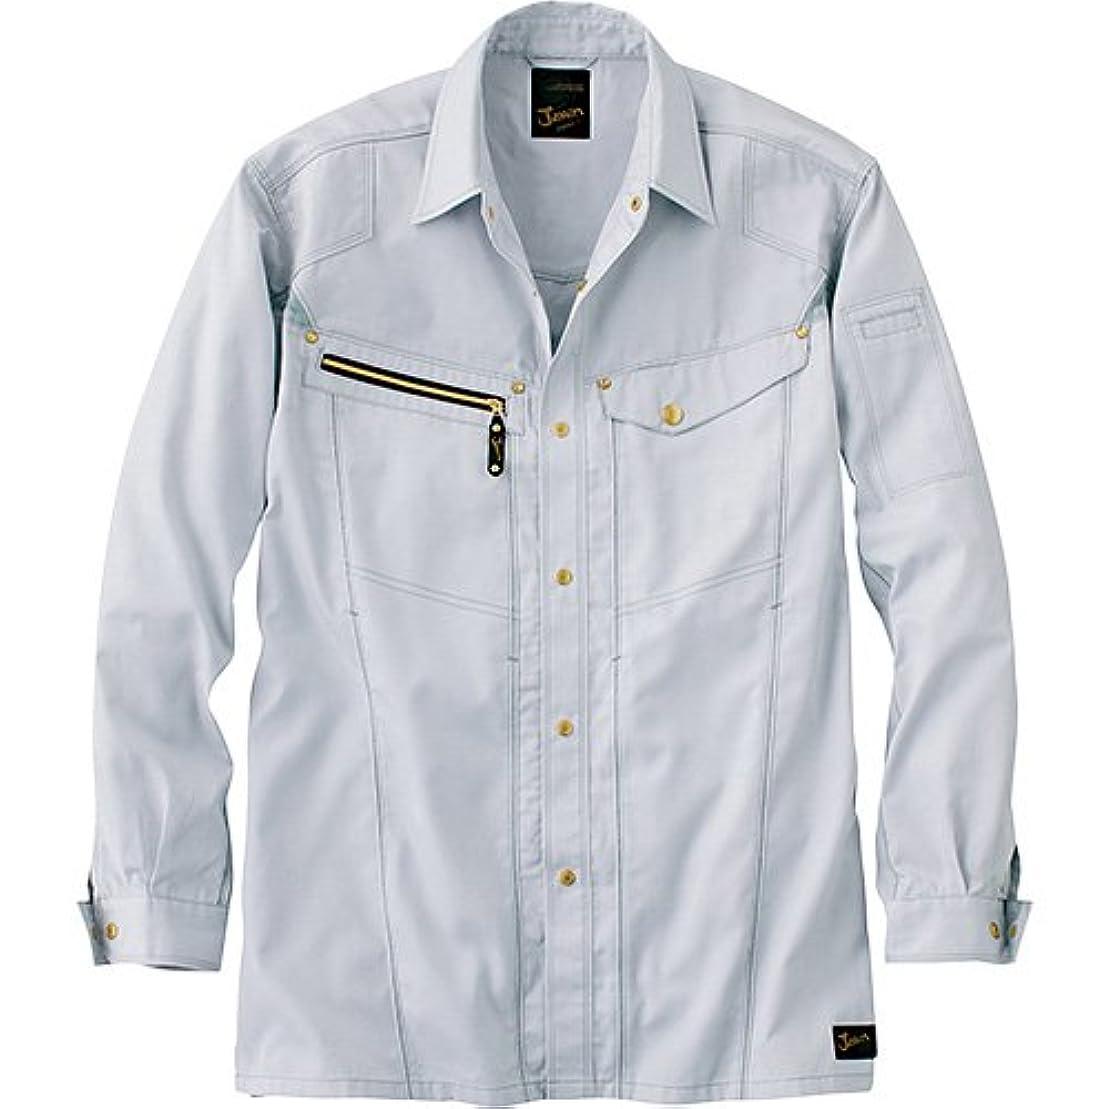 定常くぼみかる自重堂 JAWIN 長袖シャツ 55504 シルバー Mサイズ